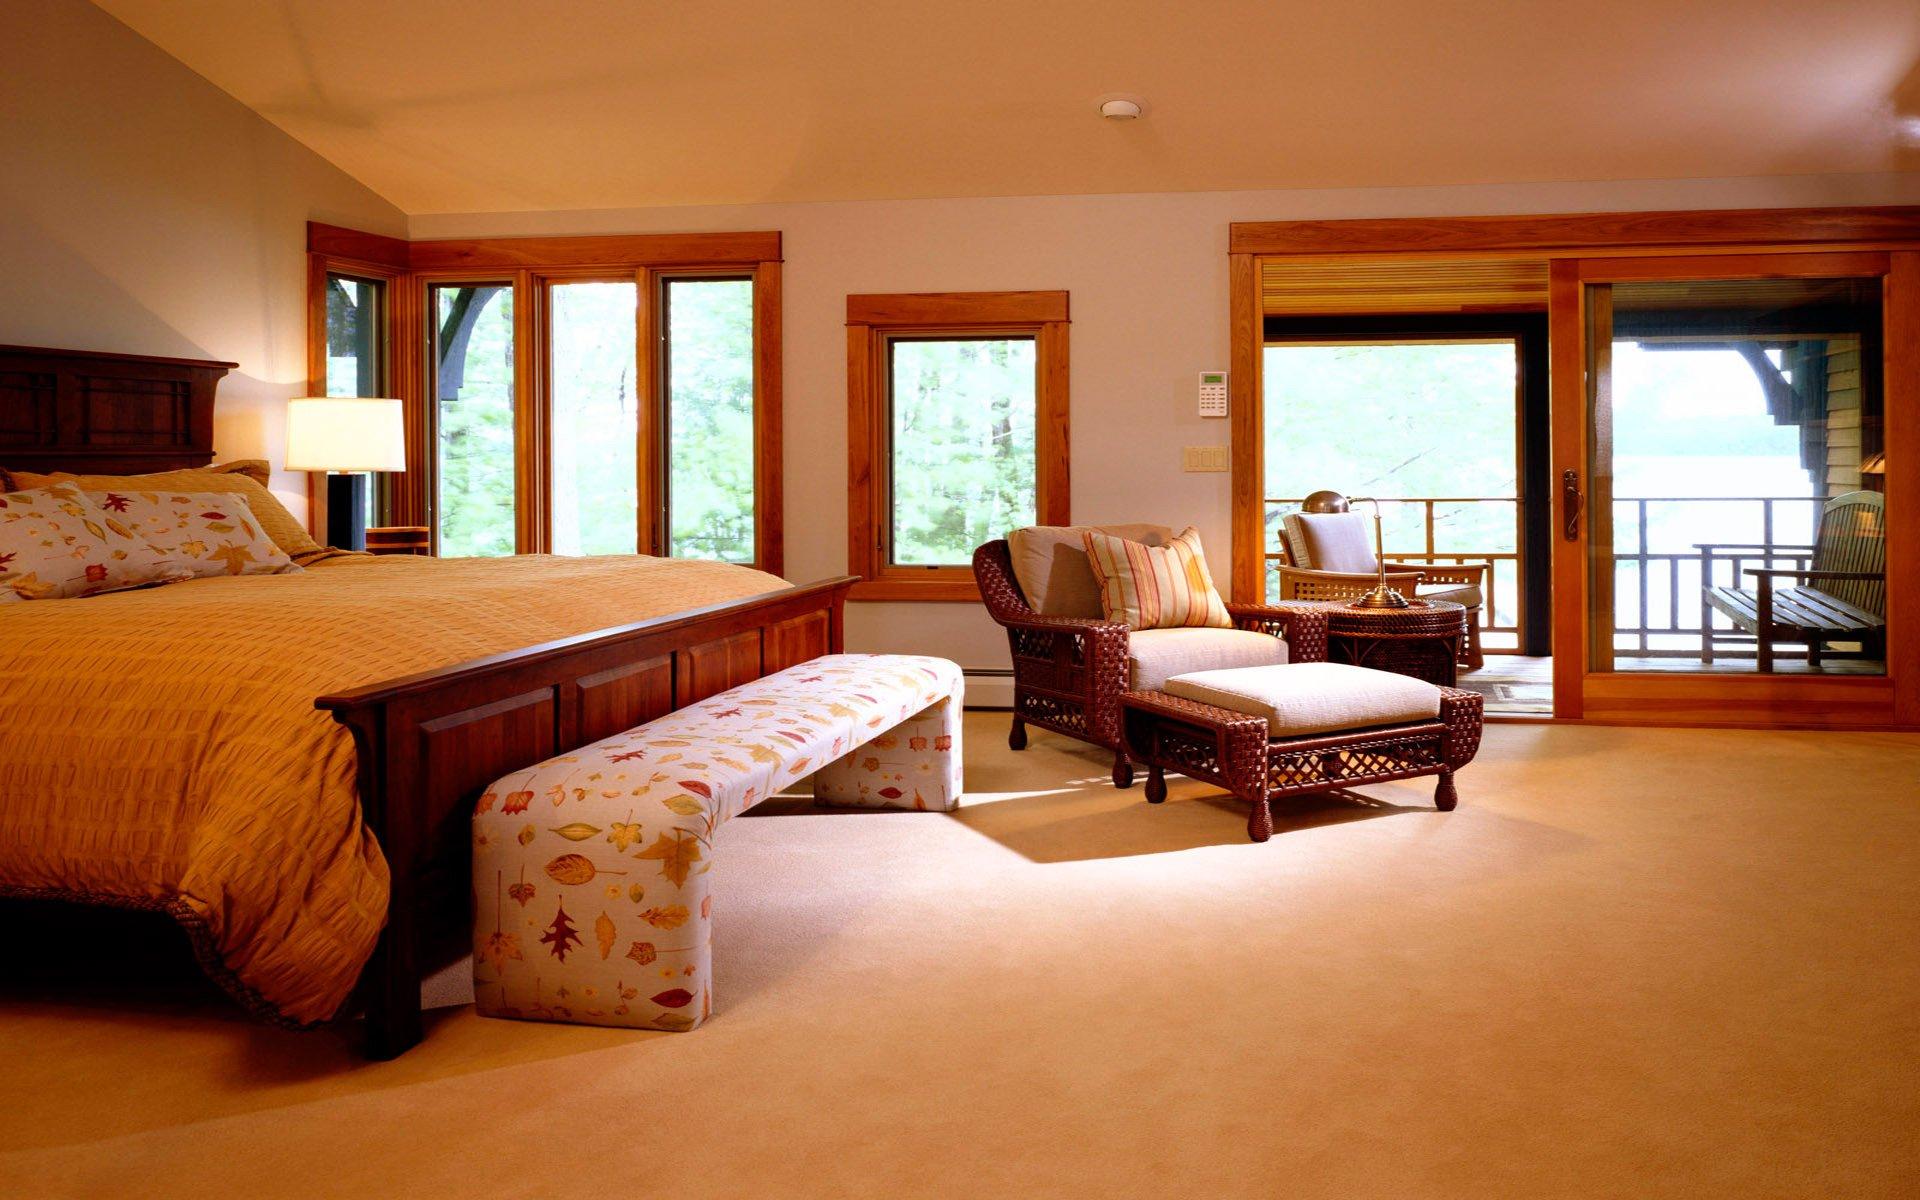 интерьер спальня отдых скачать